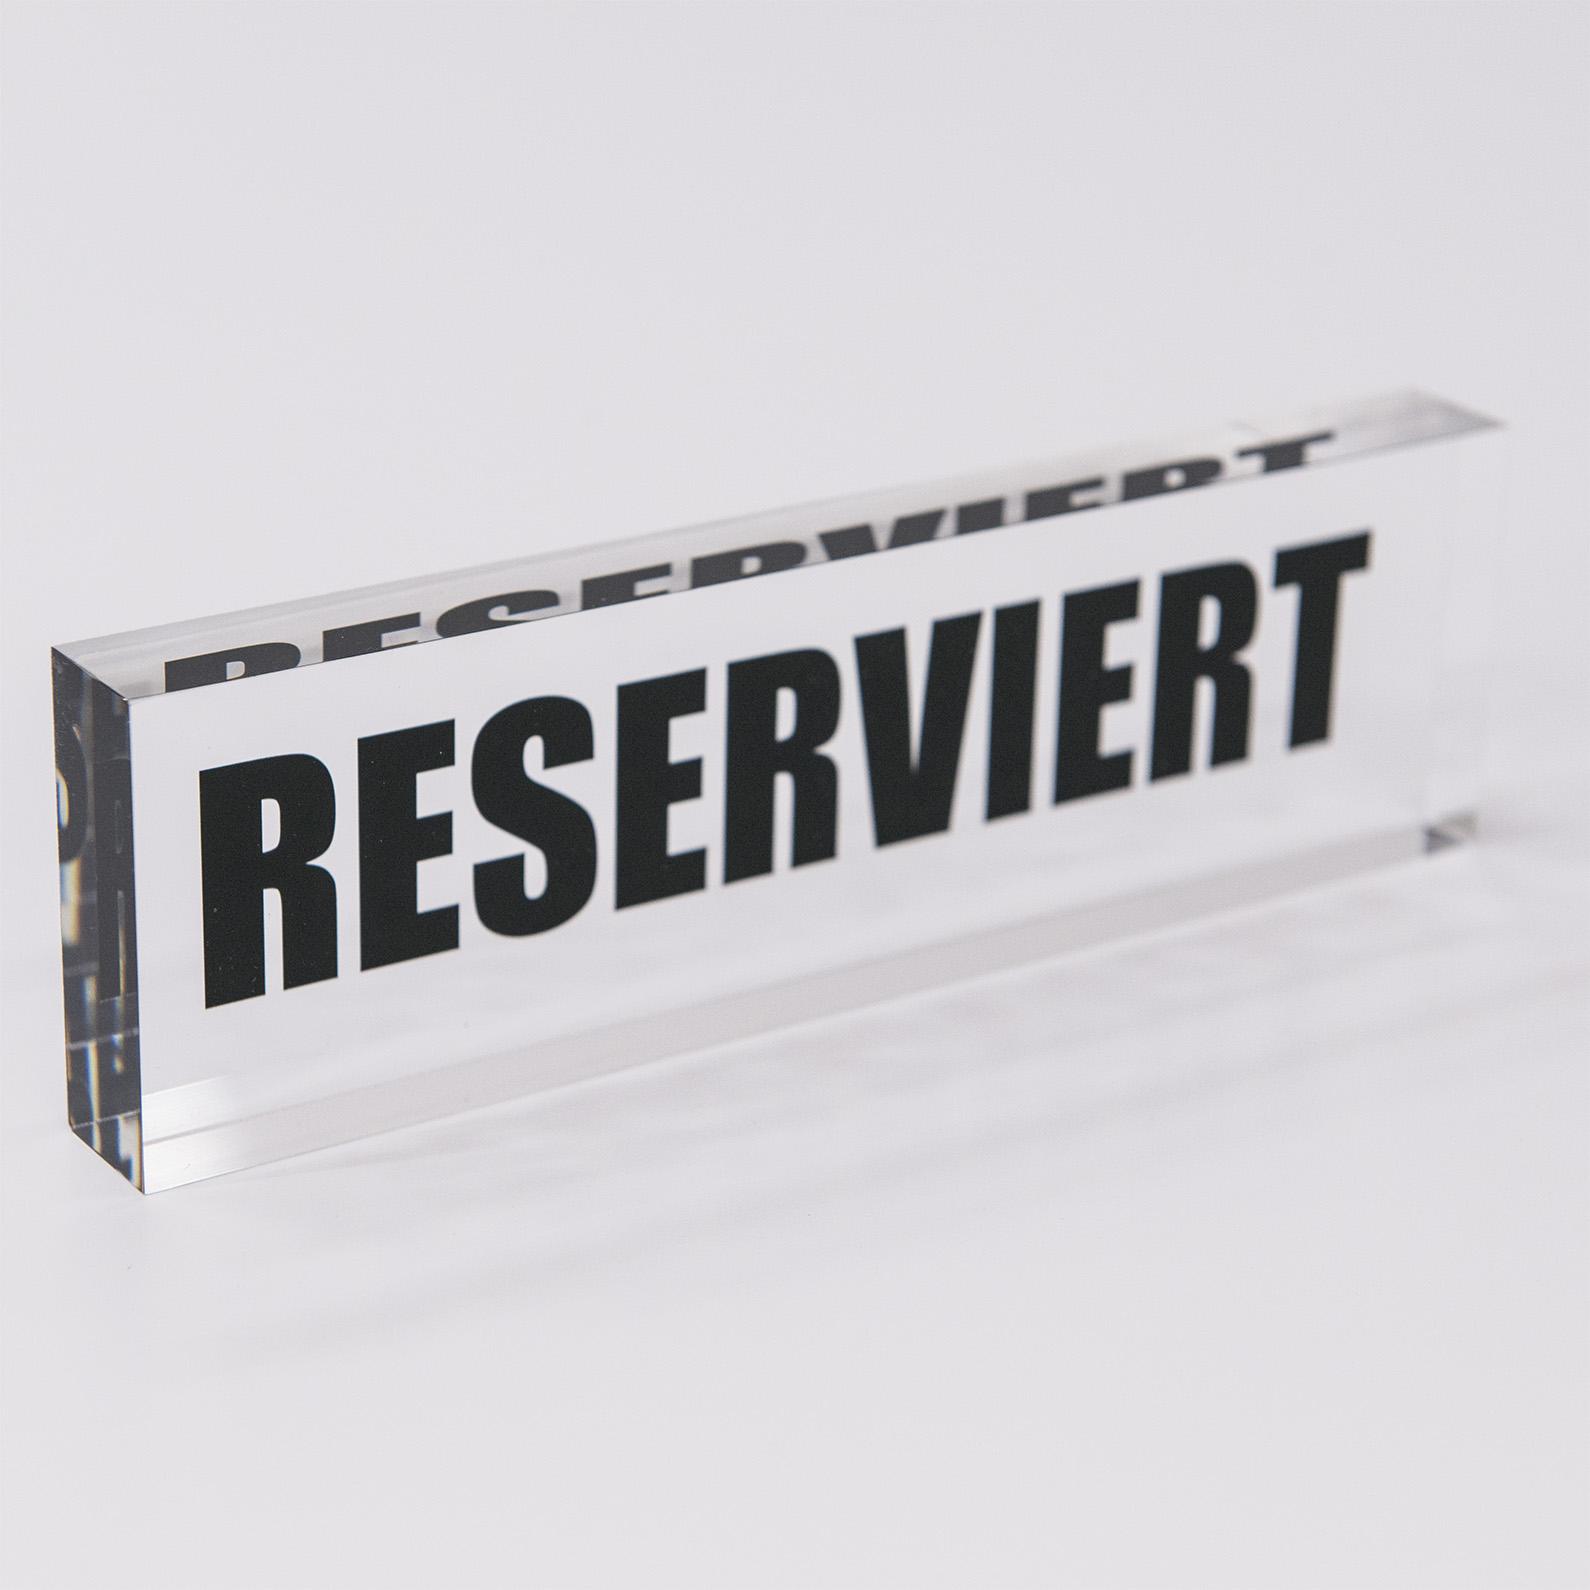 Der Acrylblock ist ebenso eine Präsentationshilfe für Luxusartikel und Lebensmittel.